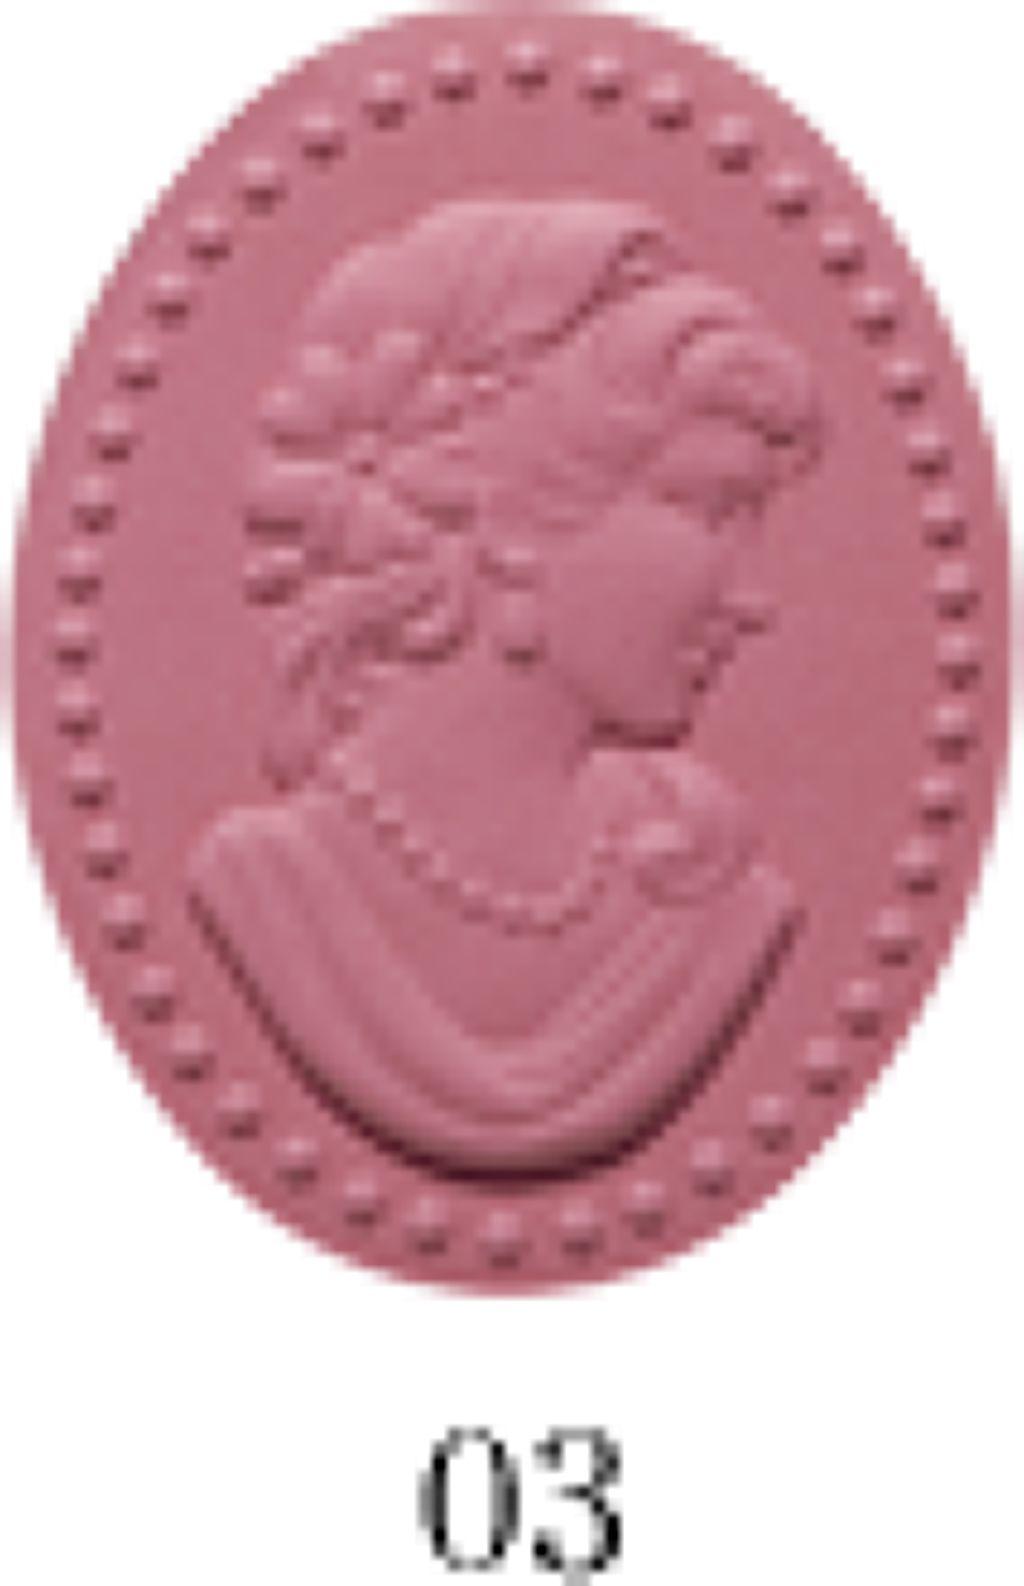 プレスト チークカラー03 Pompadour ポンパドール(ルイ15世の公妾)